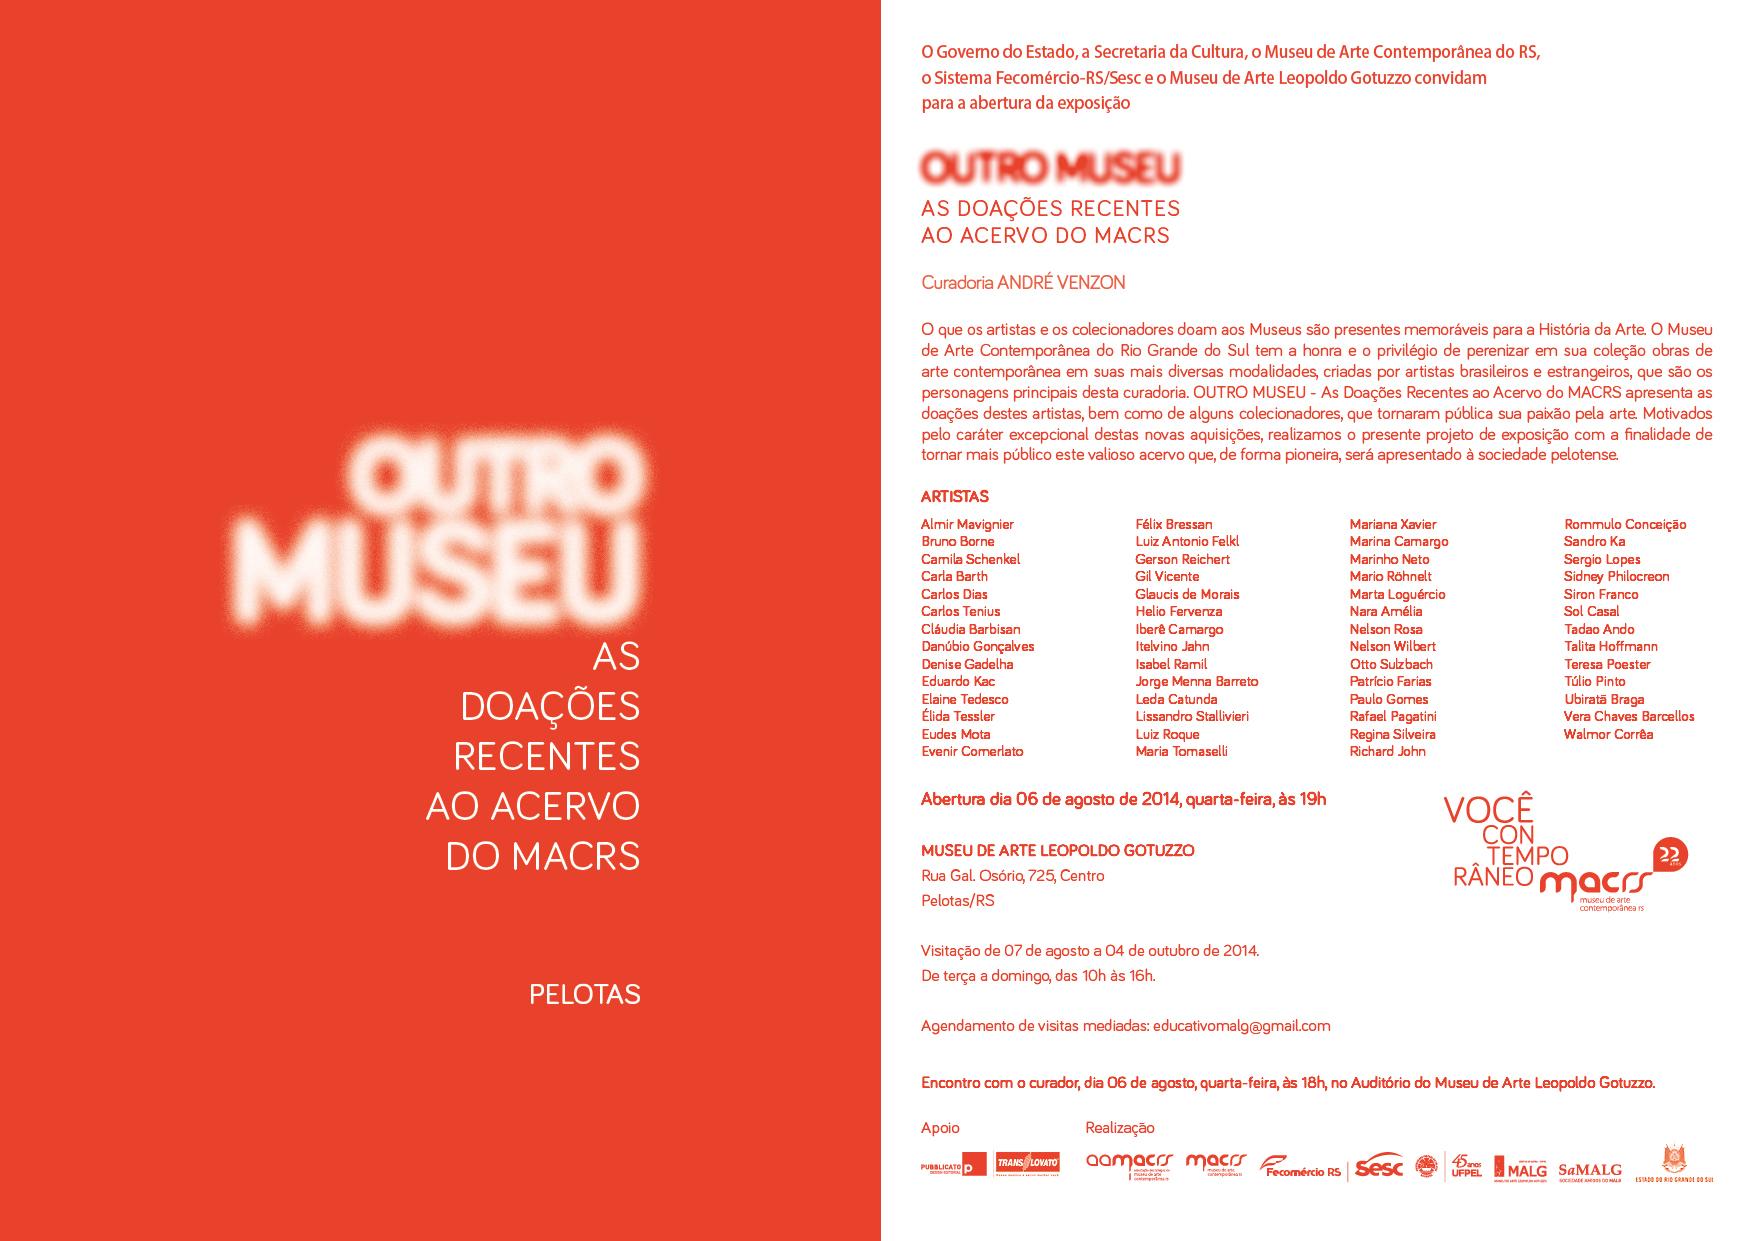 9f61cb85a9a convite MACRS – MALG – Museu de Arte Leopoldo Gotuzzo